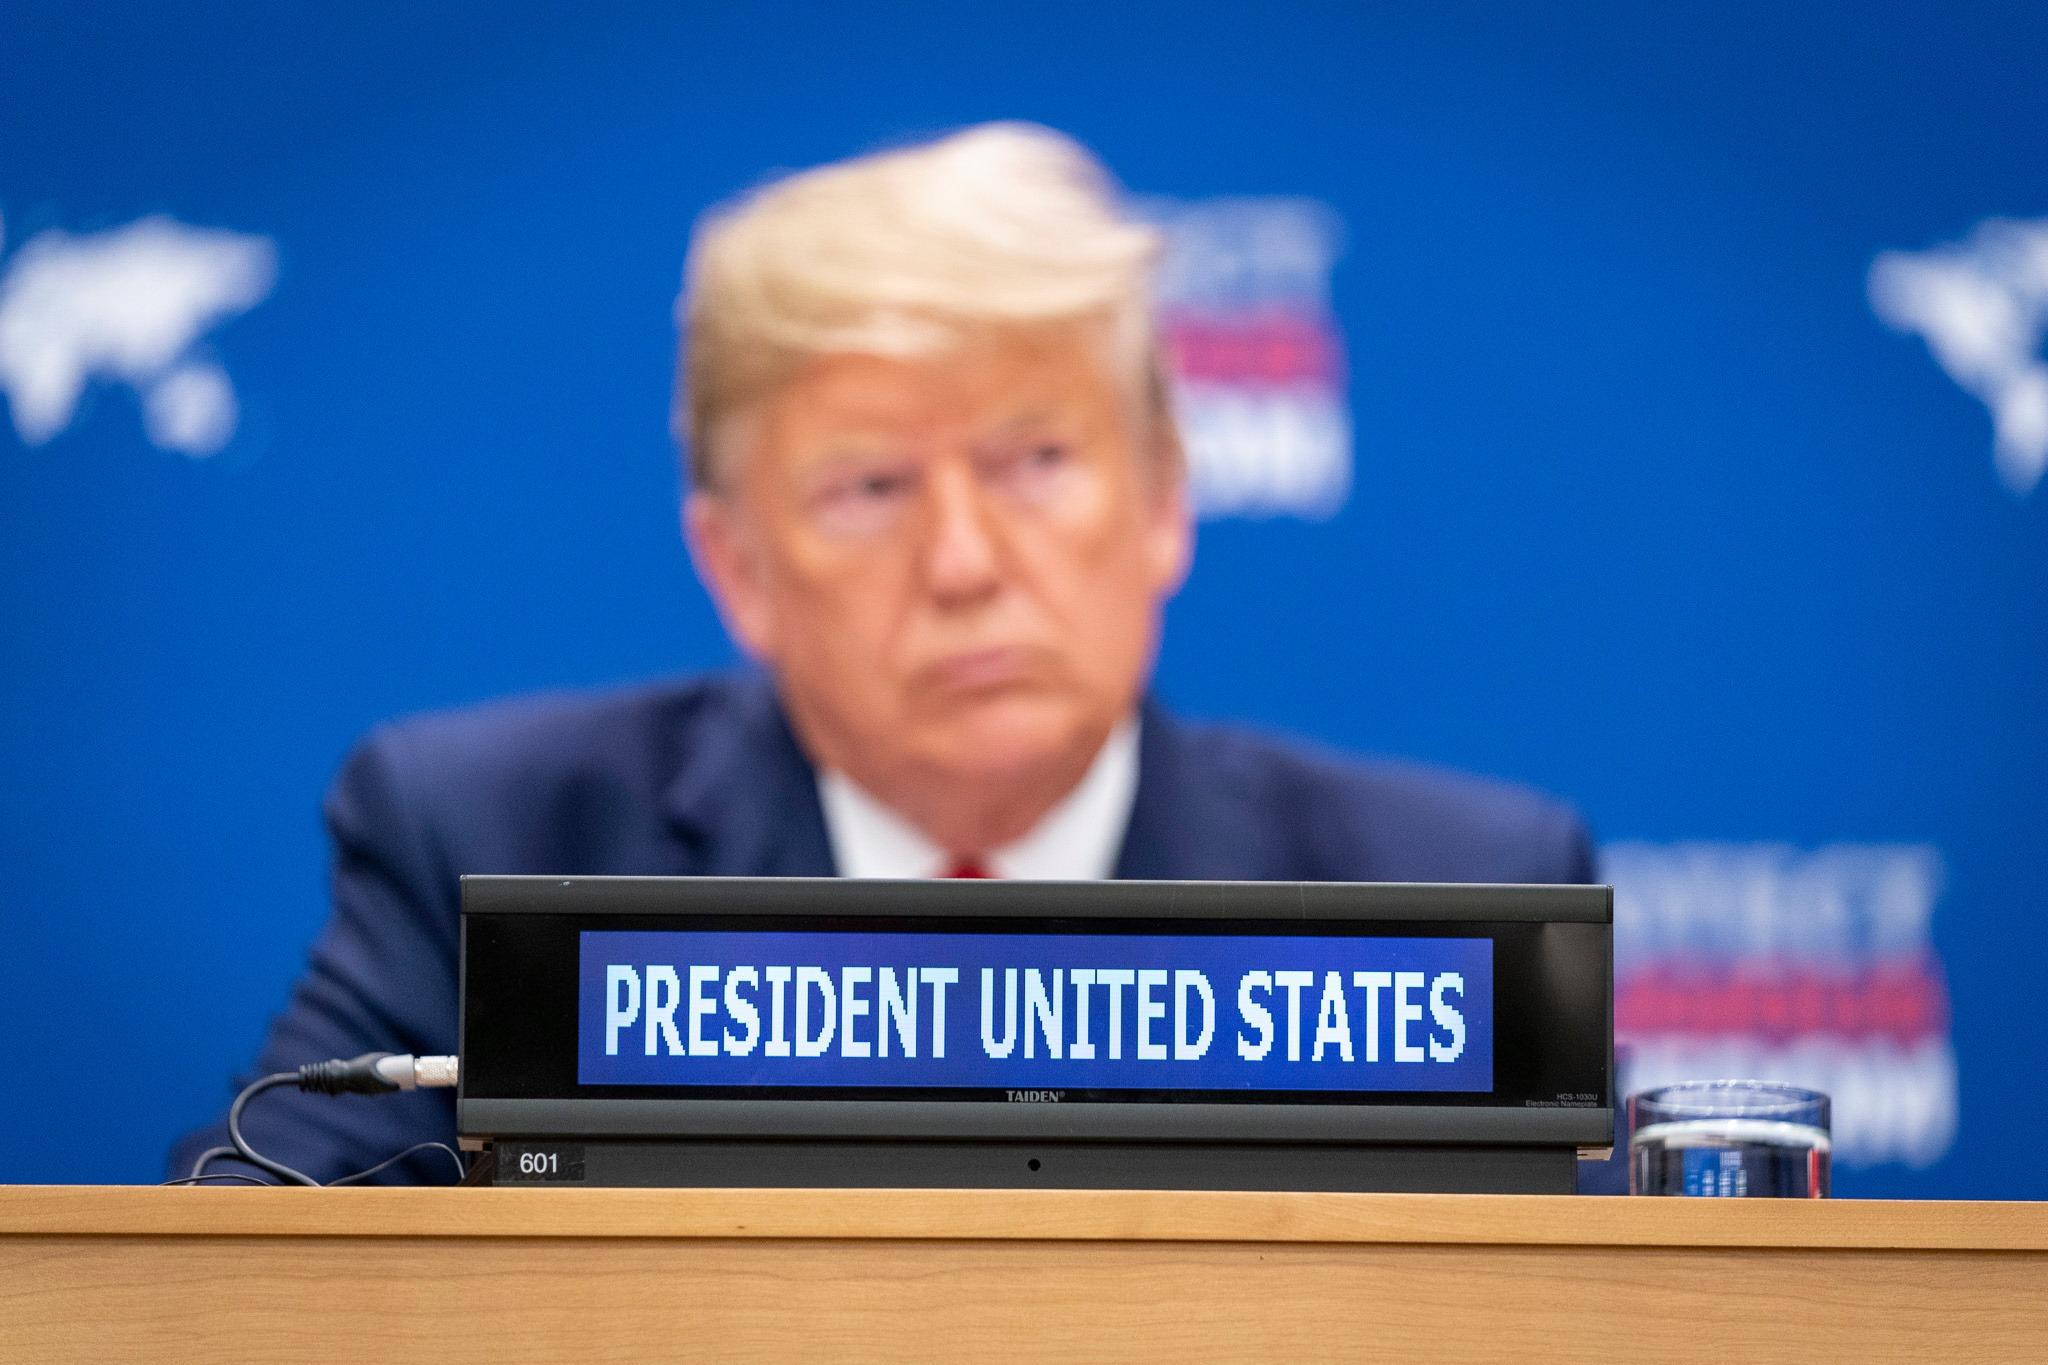 Donald Trump 5 #новости выборы в США, Дональд Трамп, сша